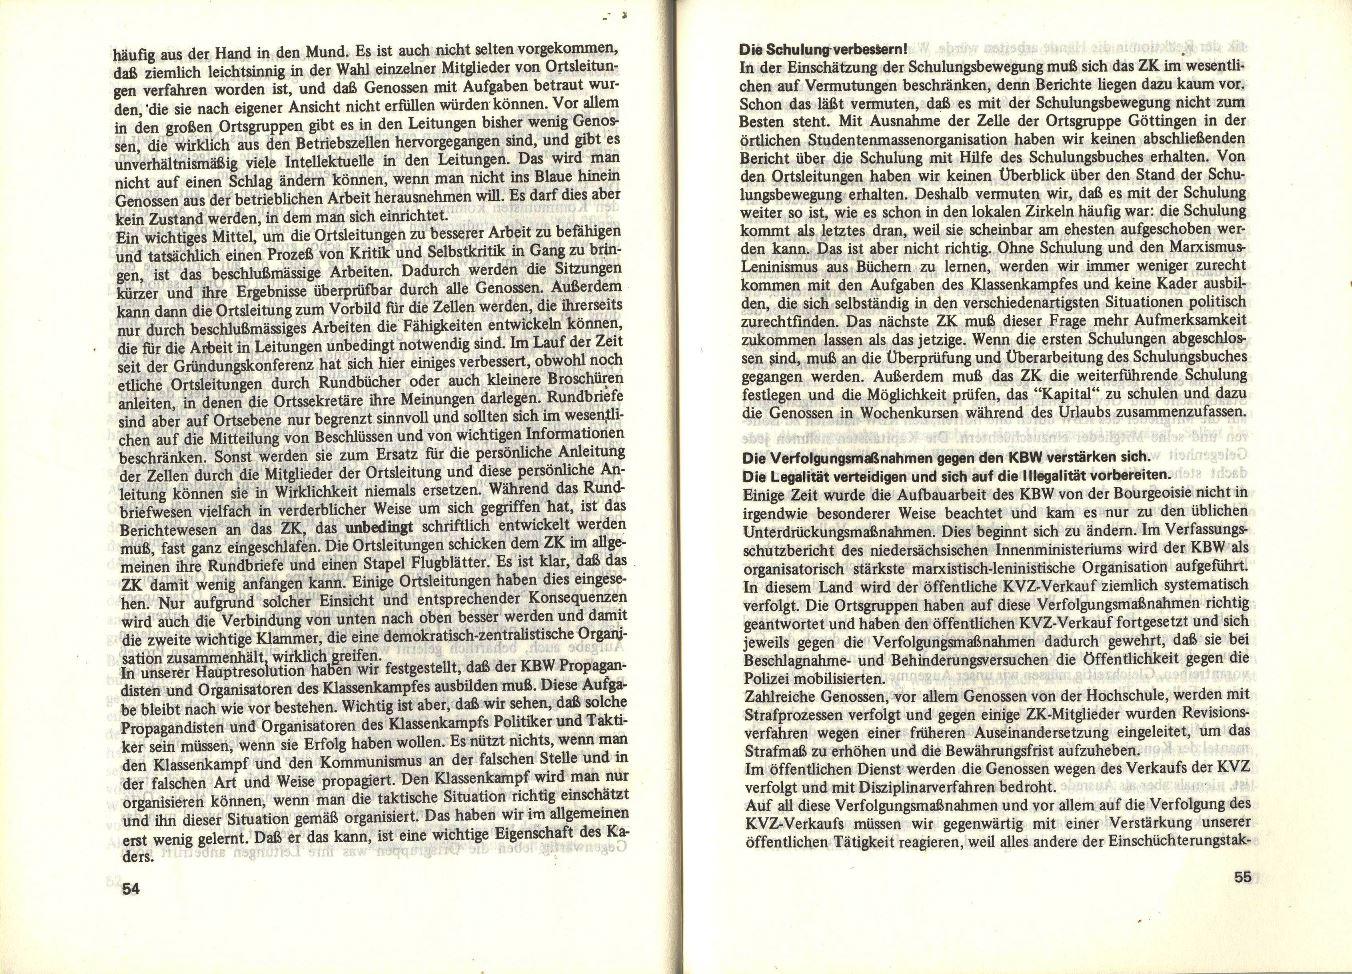 KBW_1974_Politischer_Bericht029